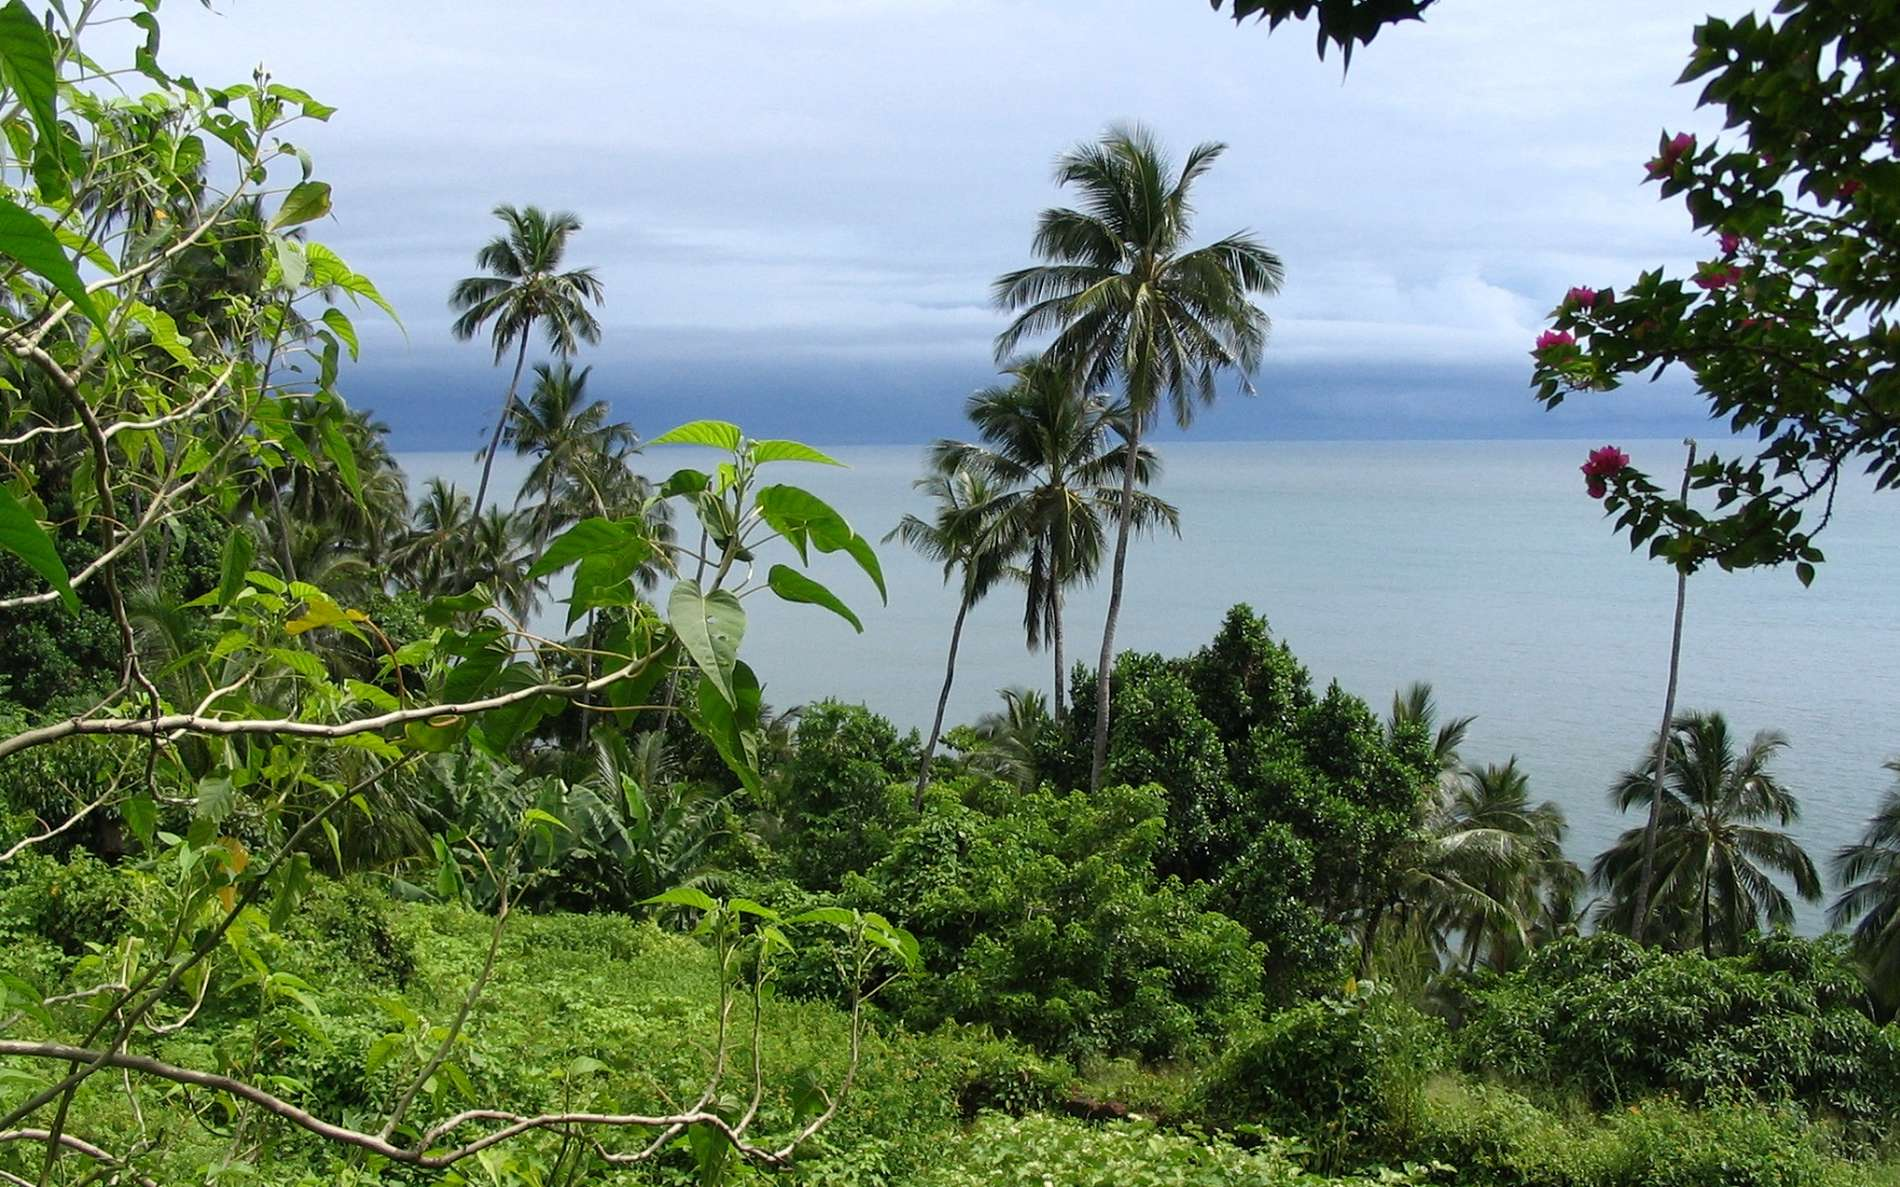 Ile Royale en Guyane fait partie des trois îles du Salut, ancien bagne ; vue depuis l'île vers l'océan. © Wikimedia Commons, domaine public